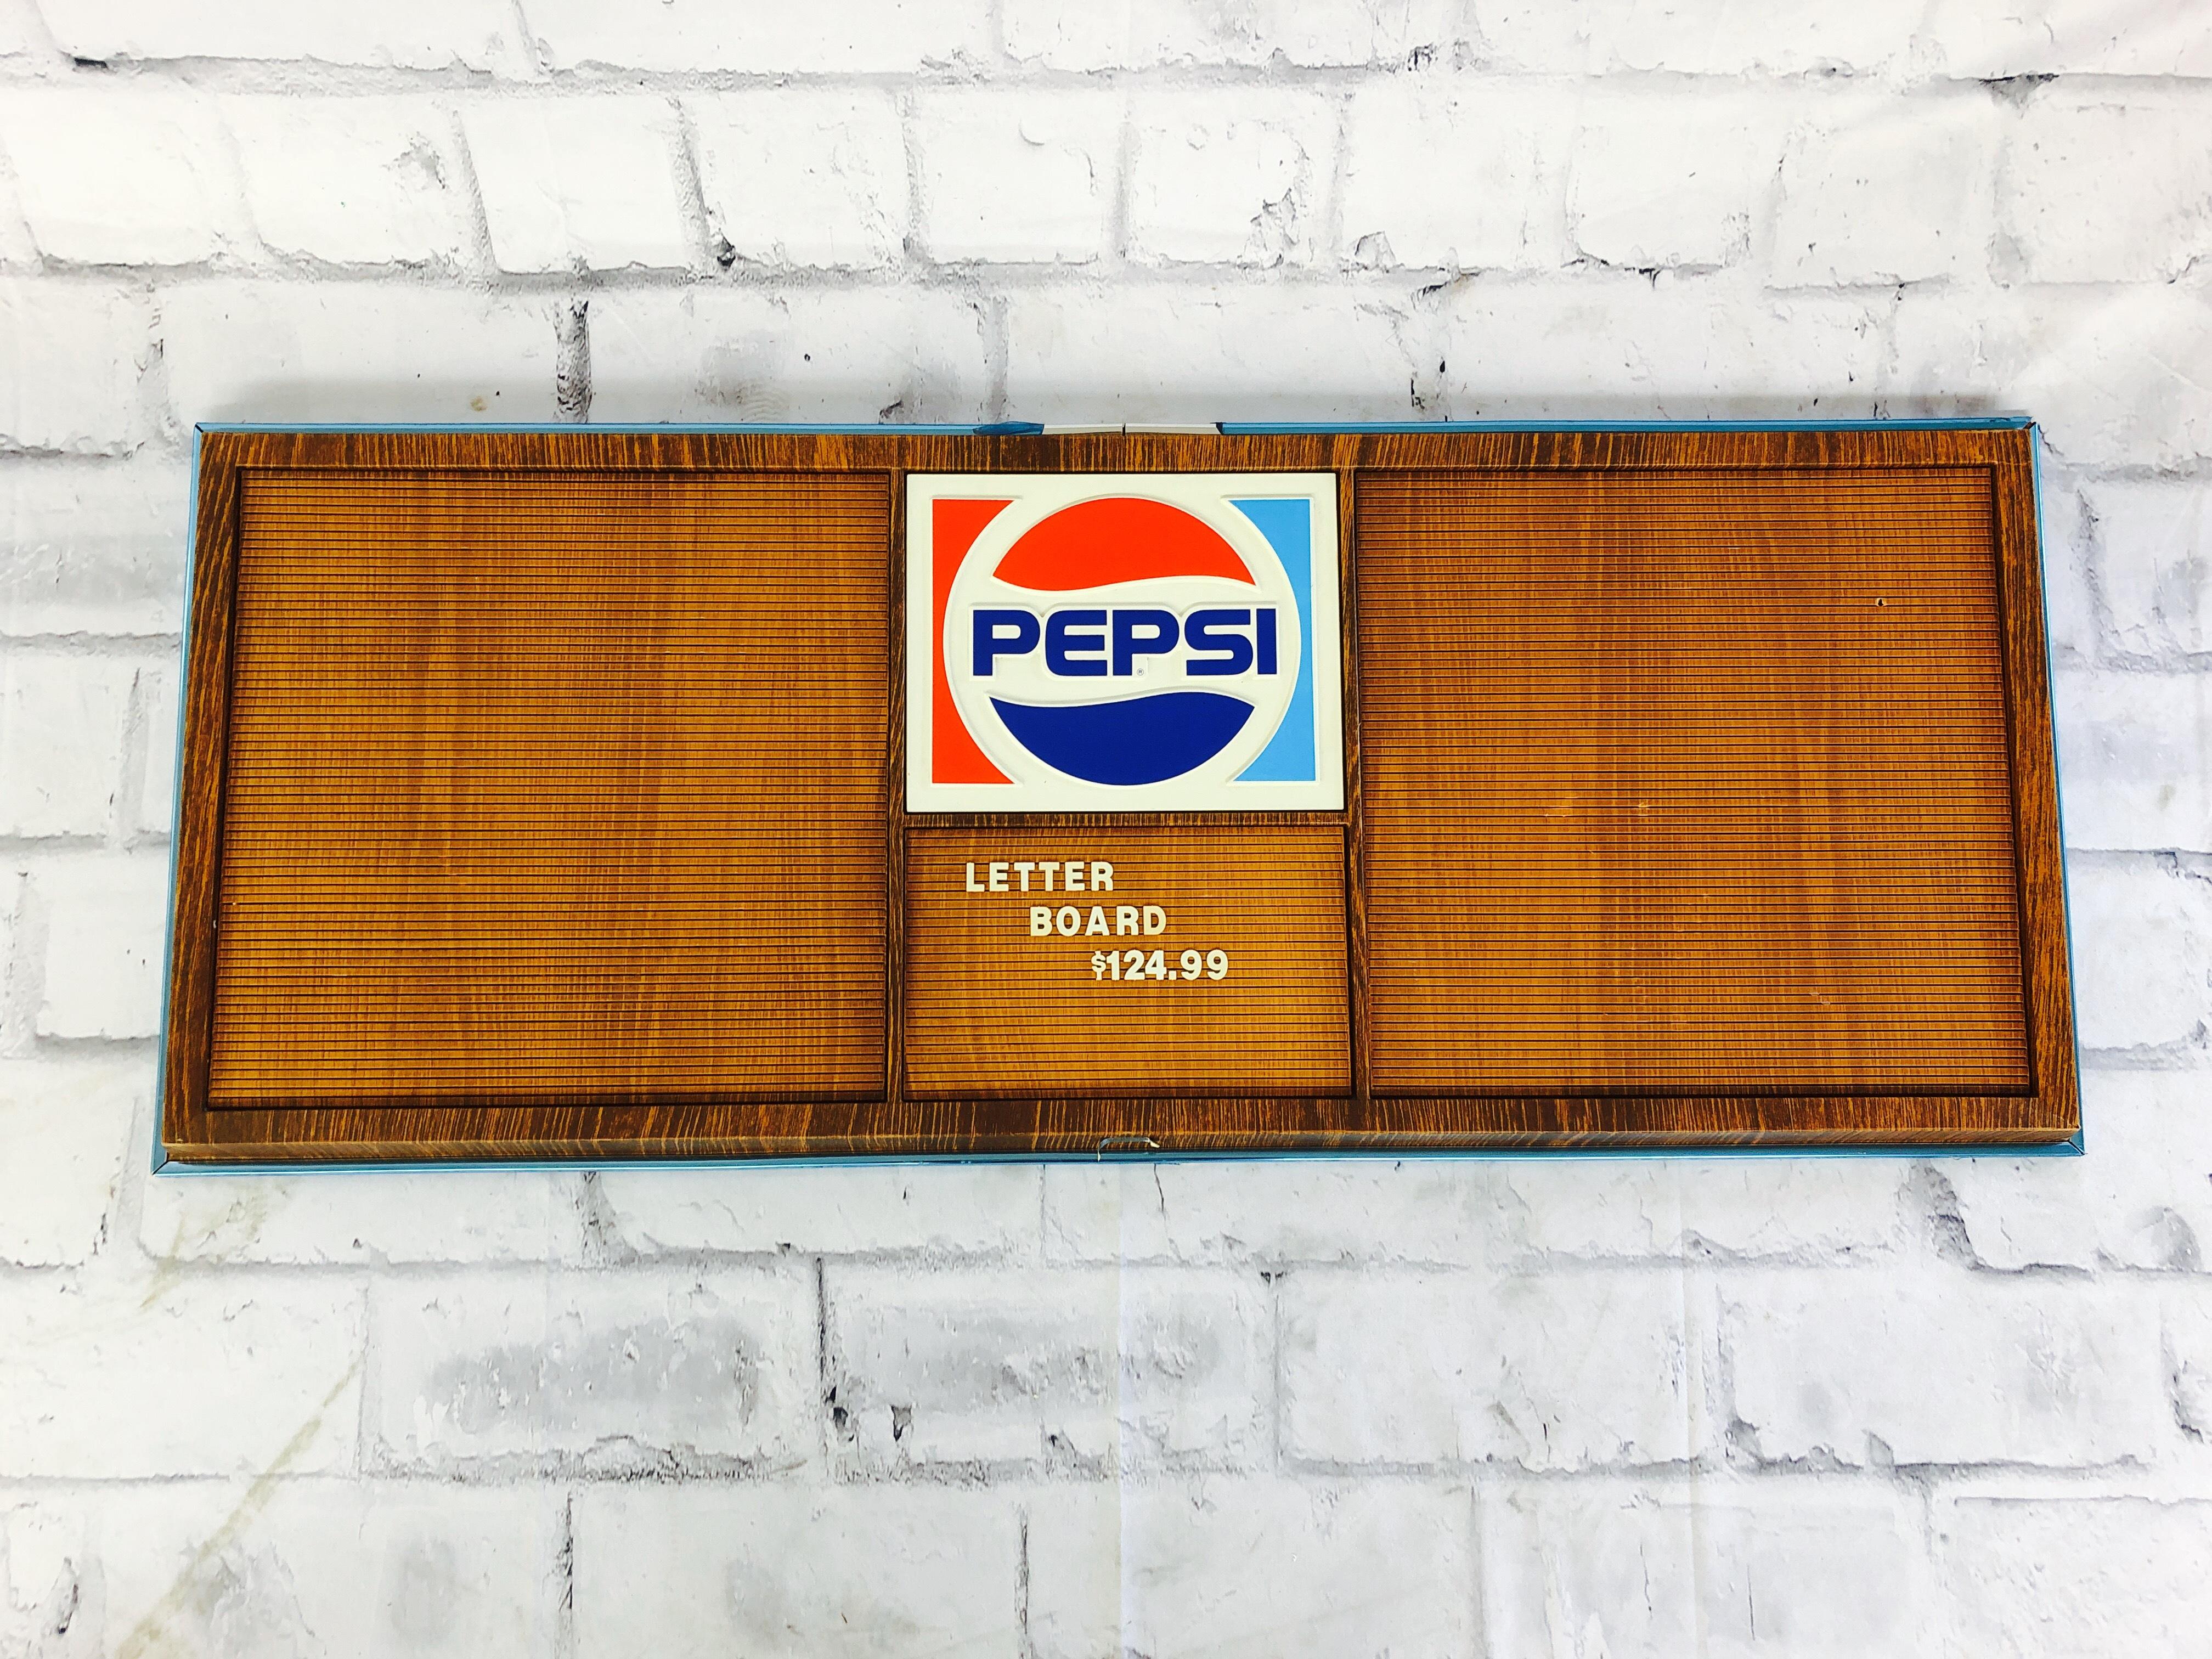 品番6053 PEPSI ペプシコーラ レターボード 文字パーツ付 LETTER BOARD サインボード 看板 ヴィンテージ